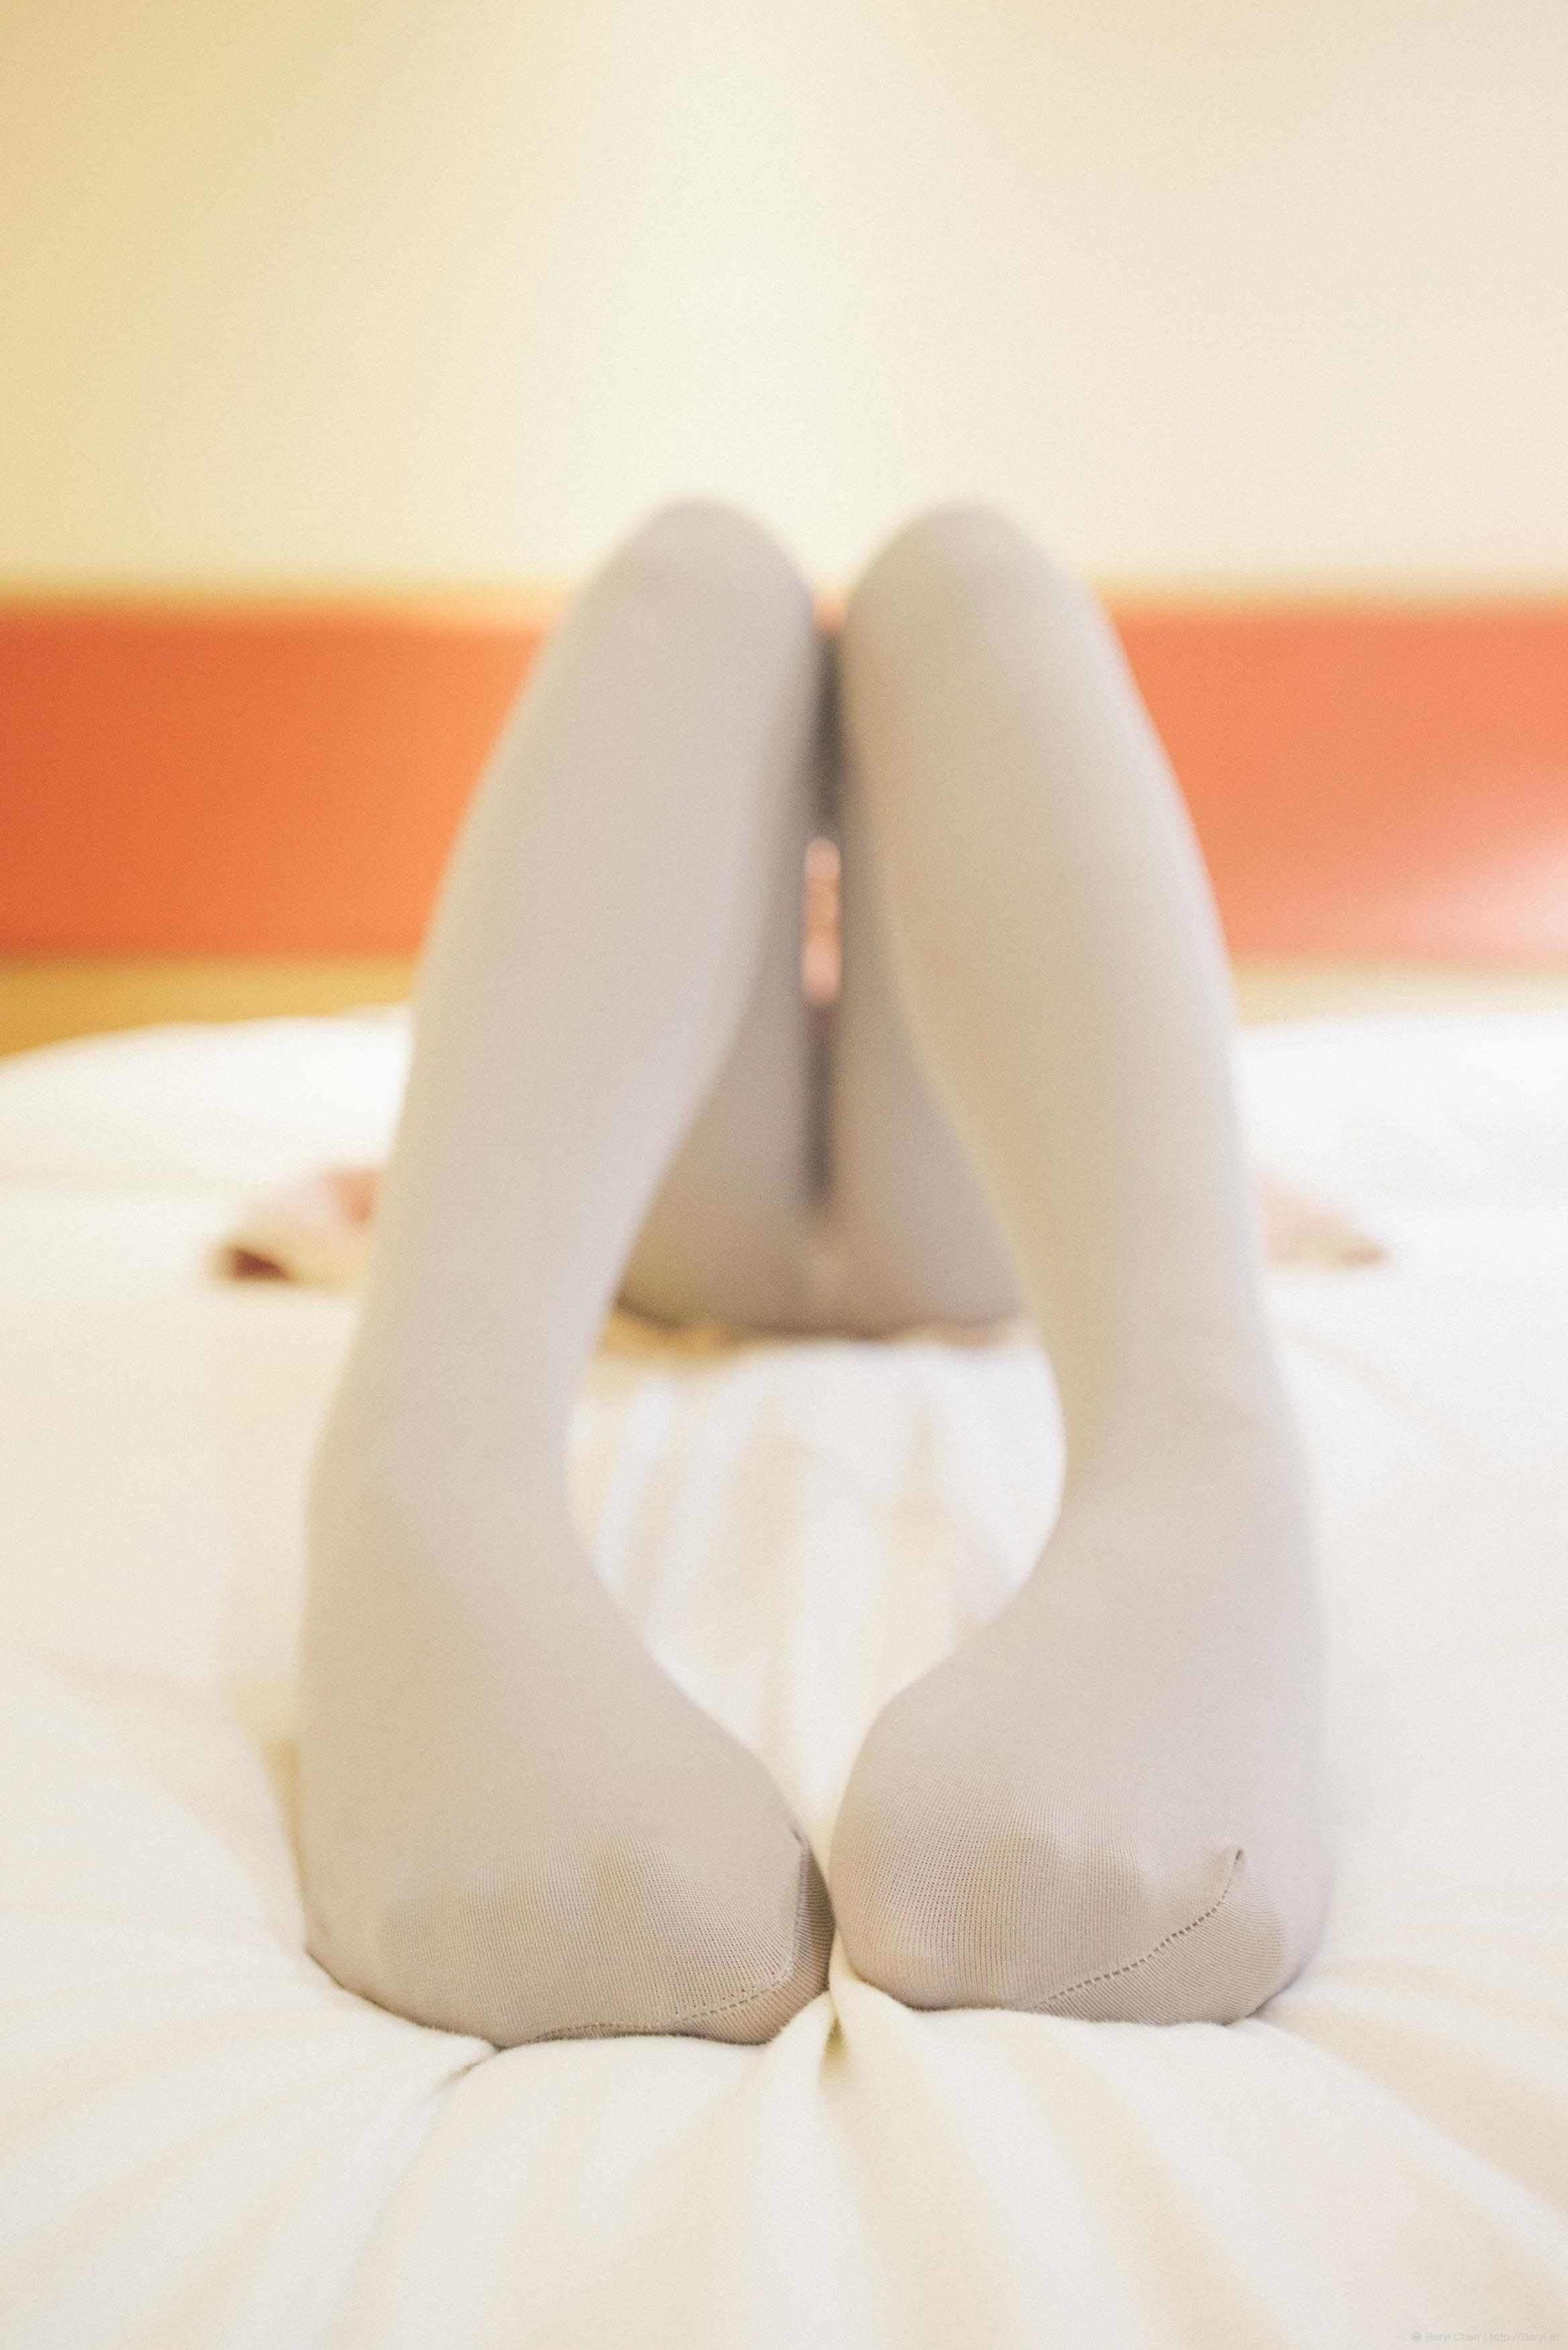 Strip Porn Pics